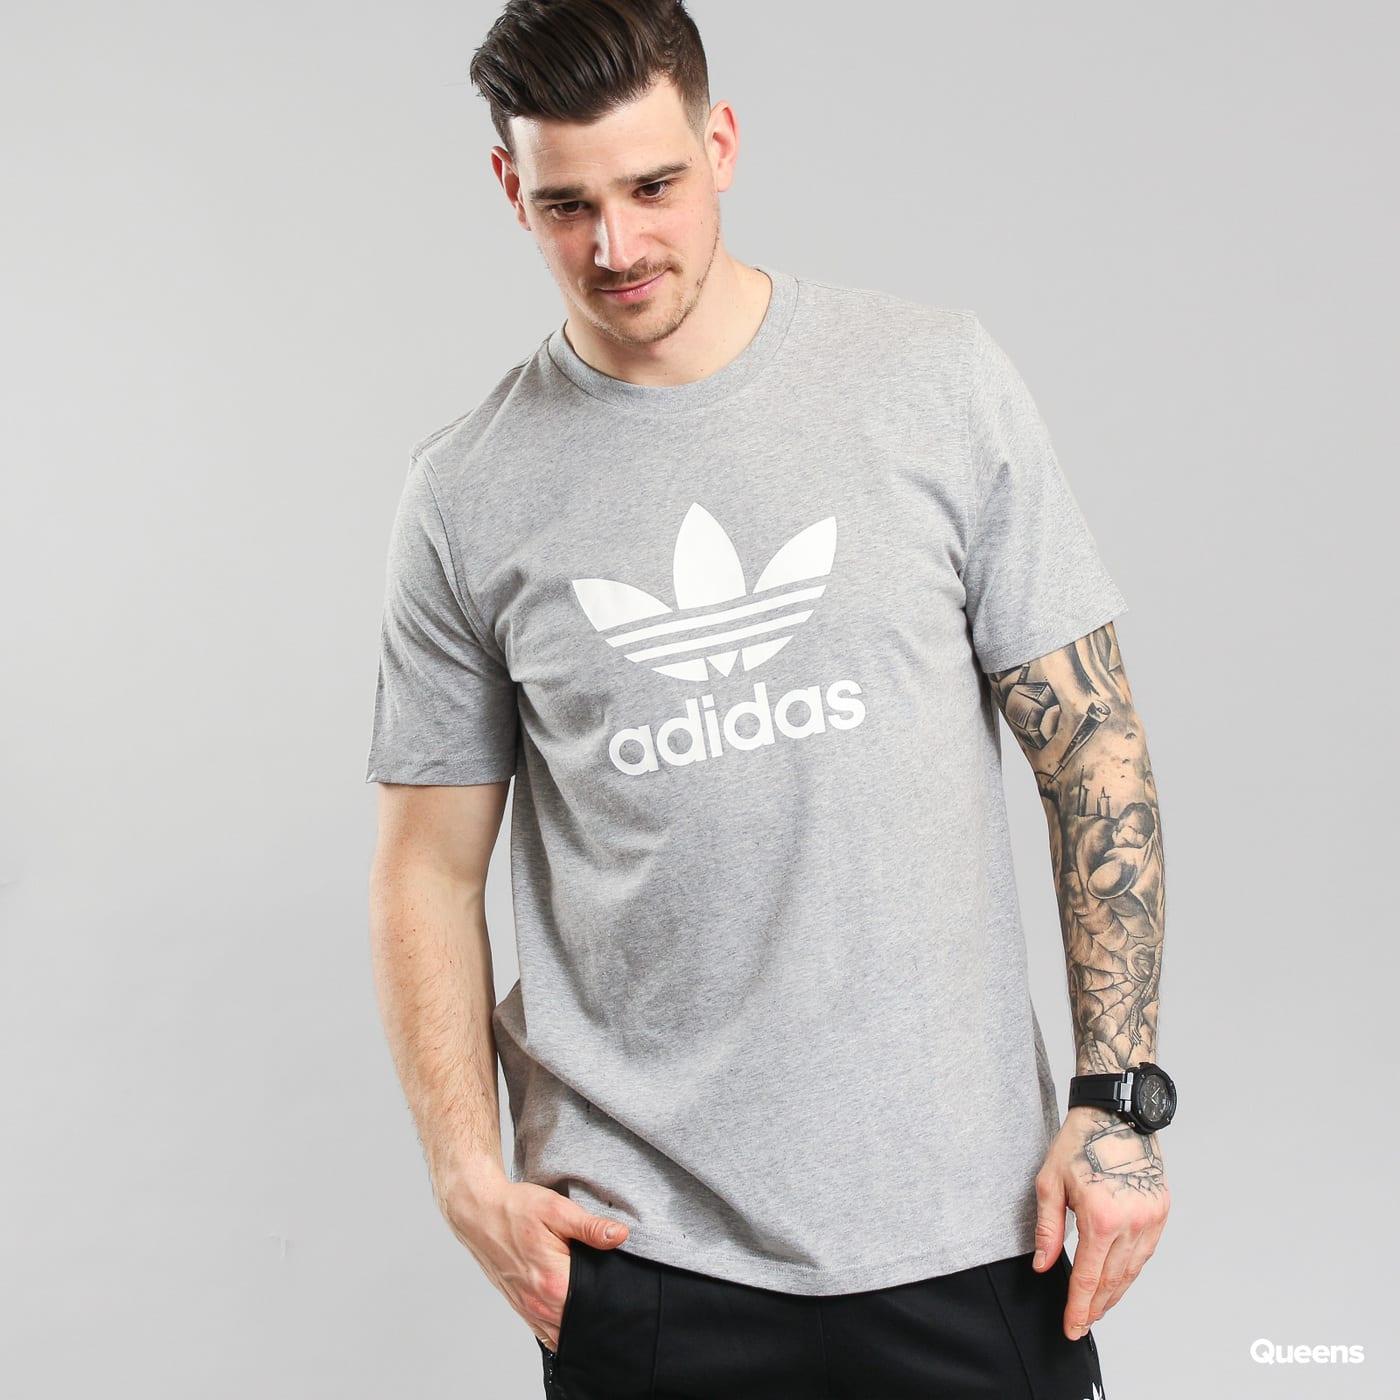 adidas Trefoil T-shirt melange gray